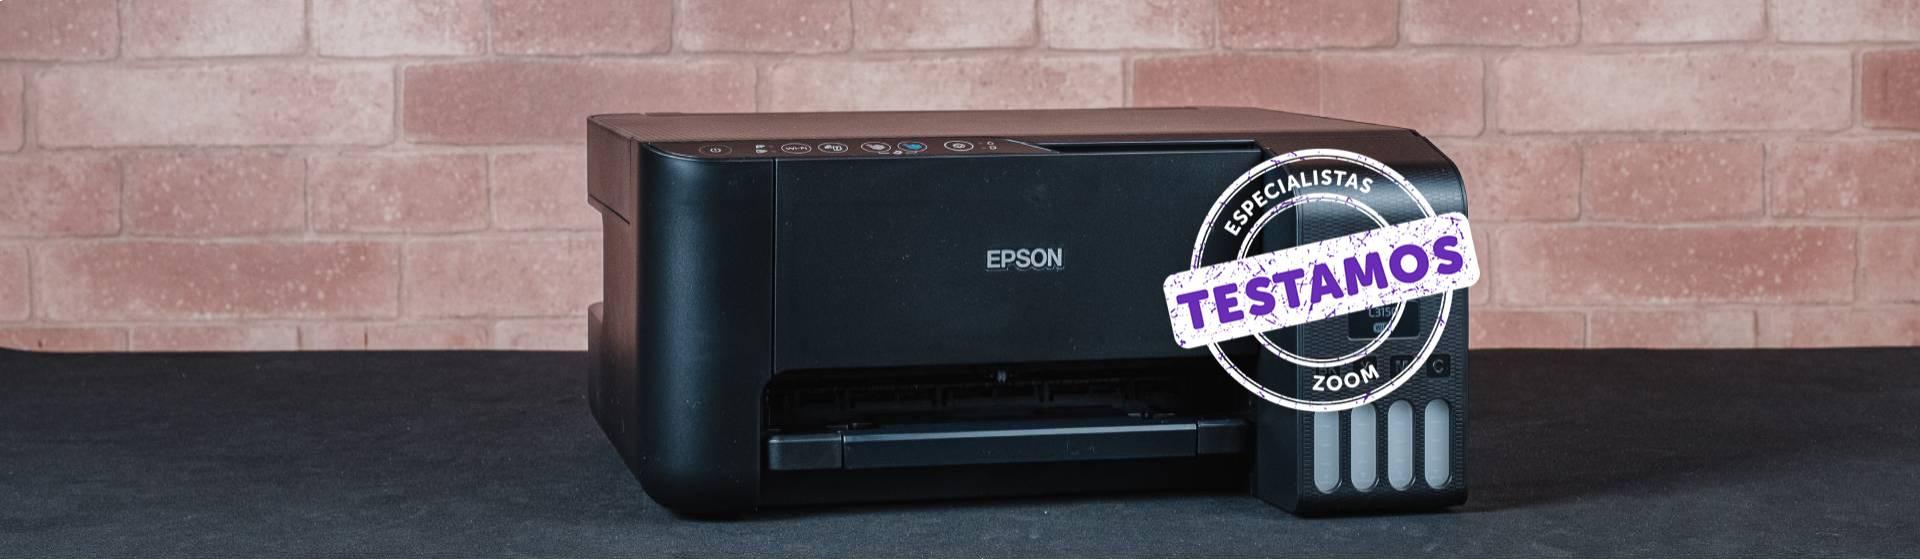 Epson L3150: a impressora tanque de tinta com melhor custo-benefício